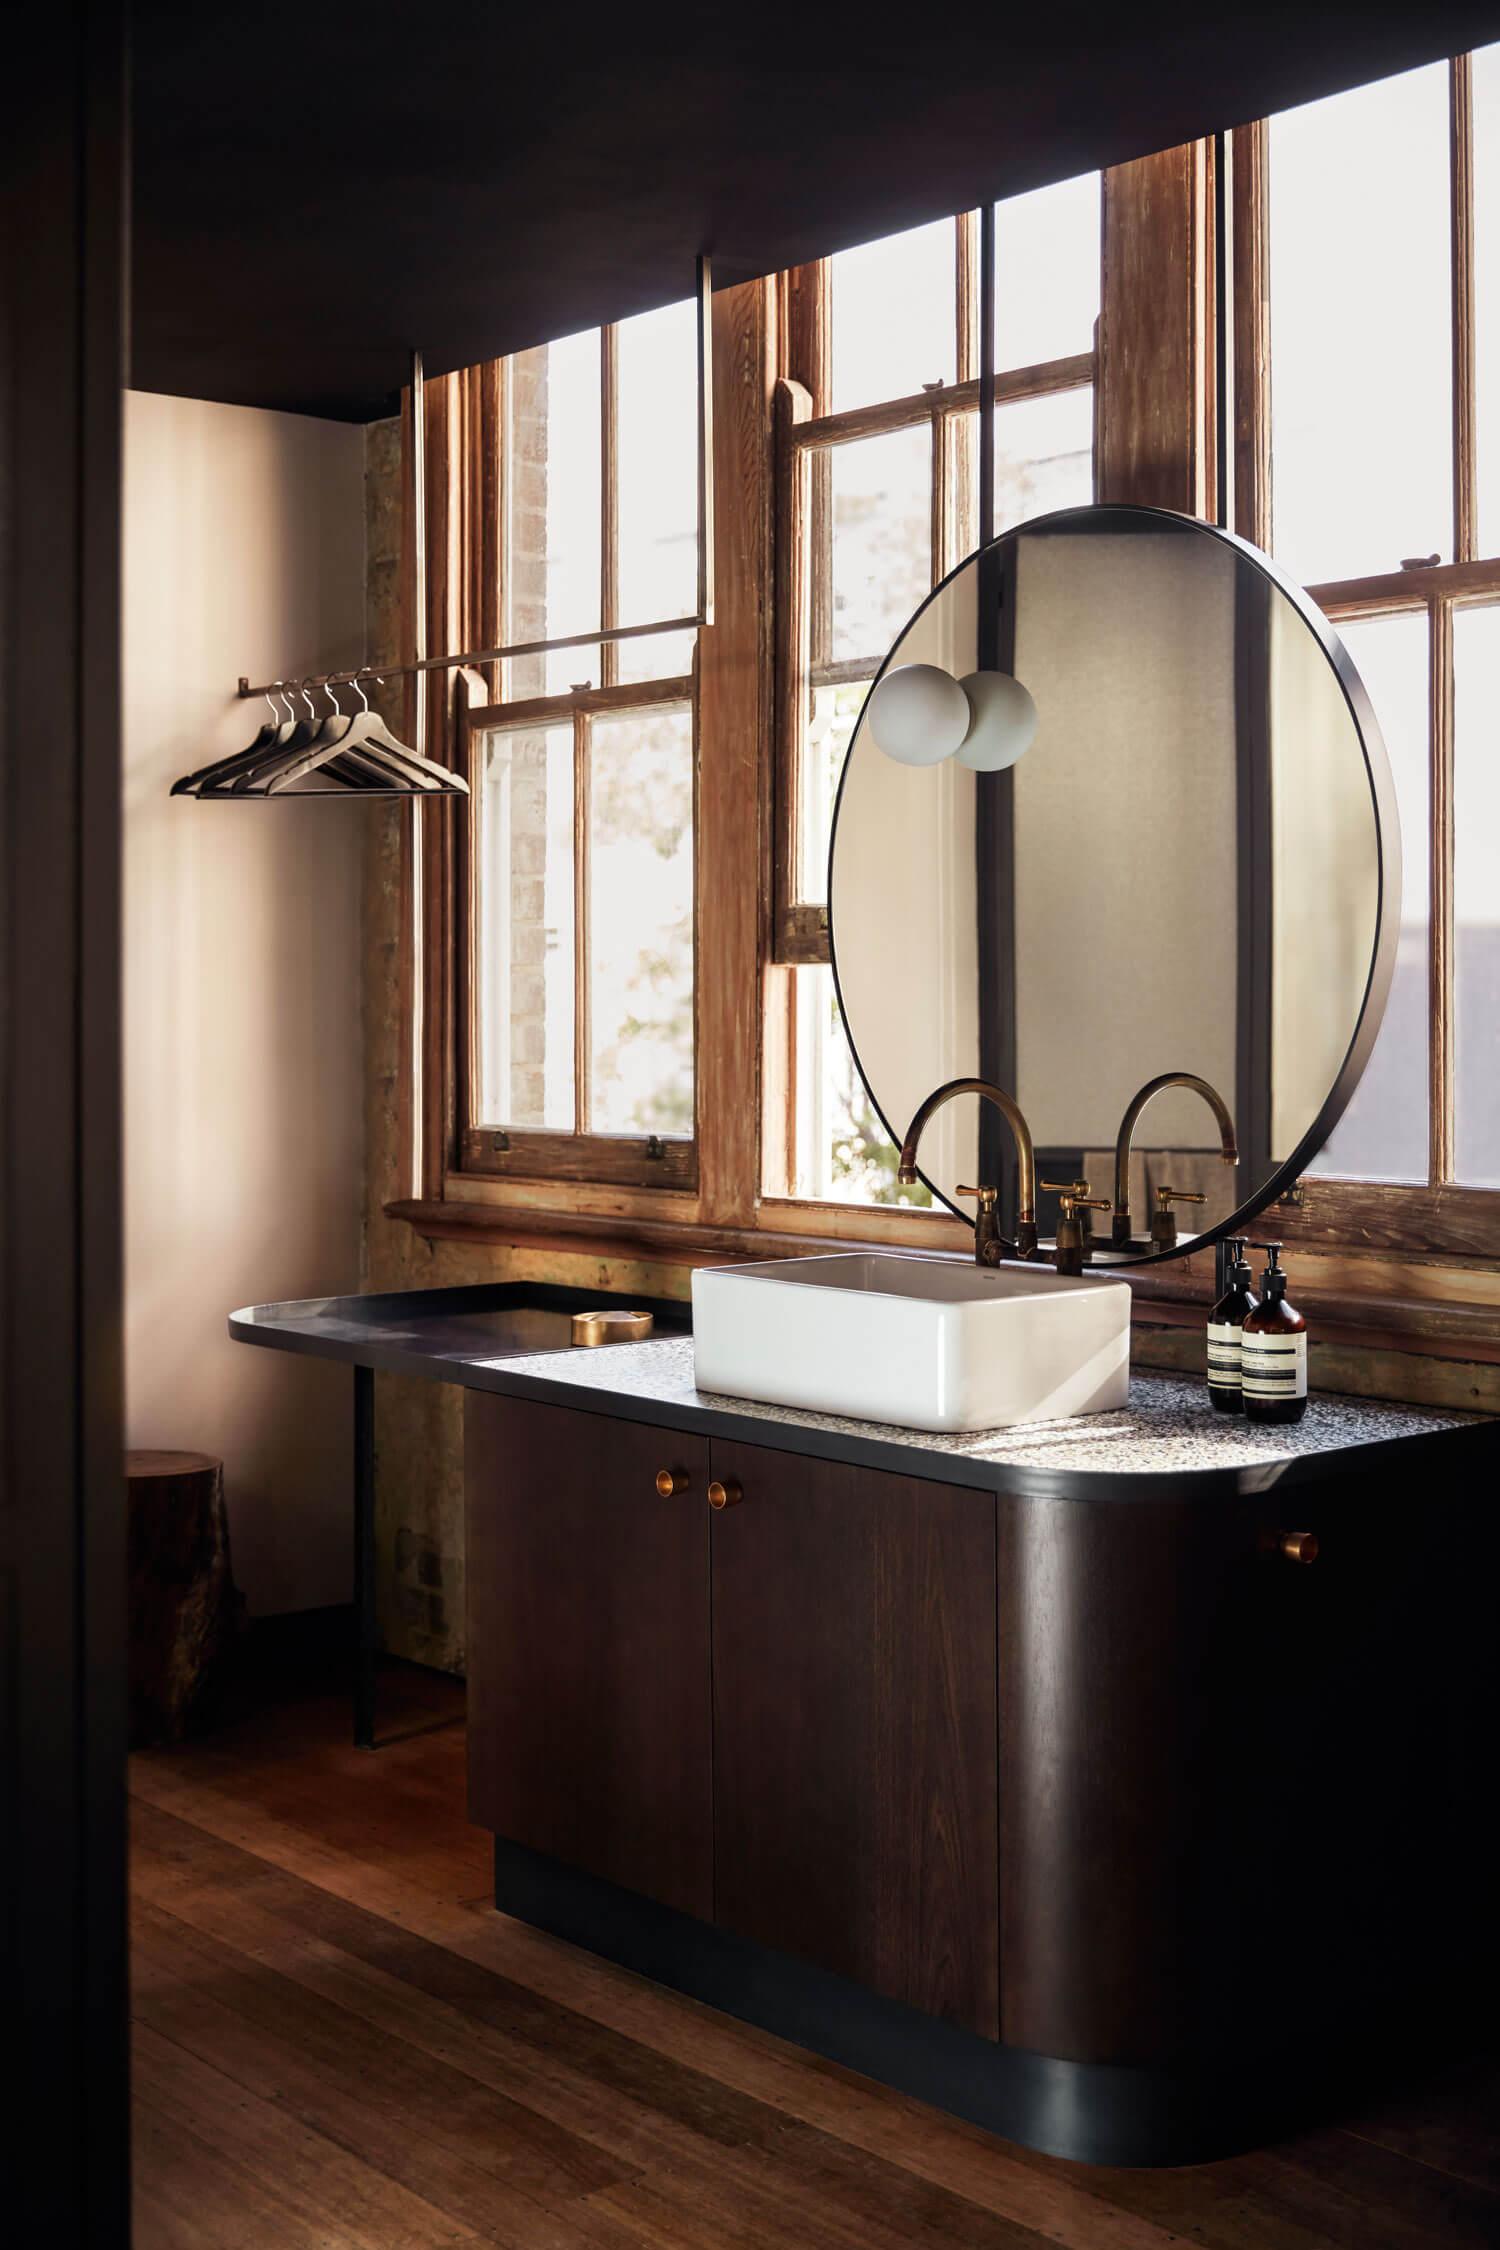 Miroir rond dans la salle de bain